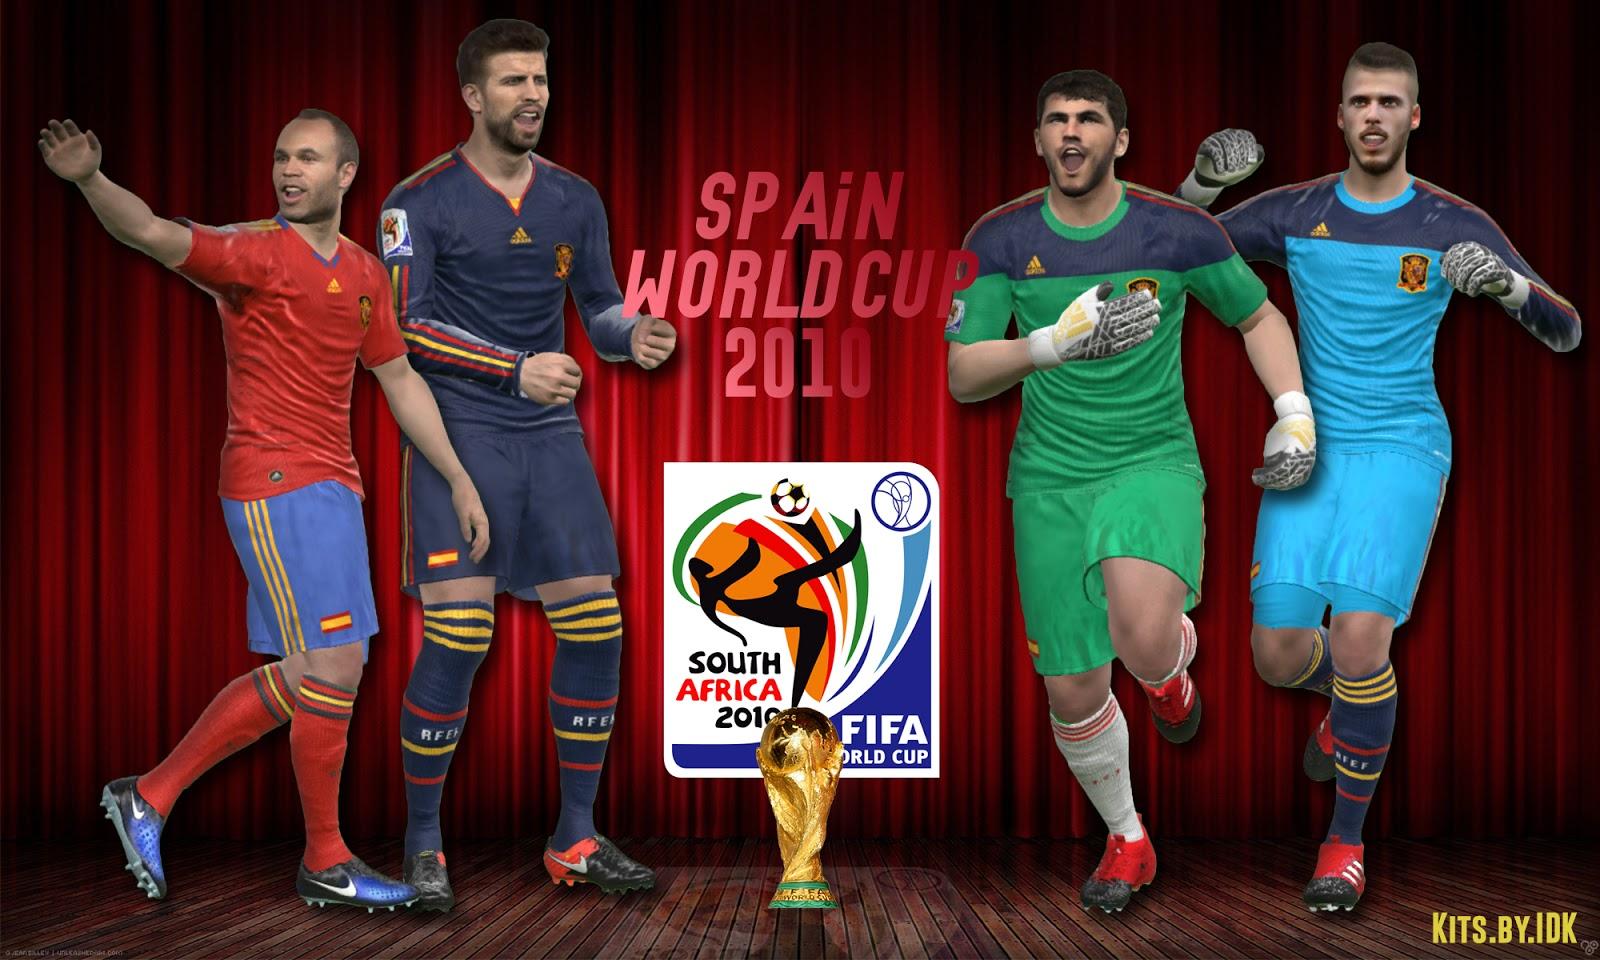 دانلود کیت 2010 جام جهانی اسپانیا